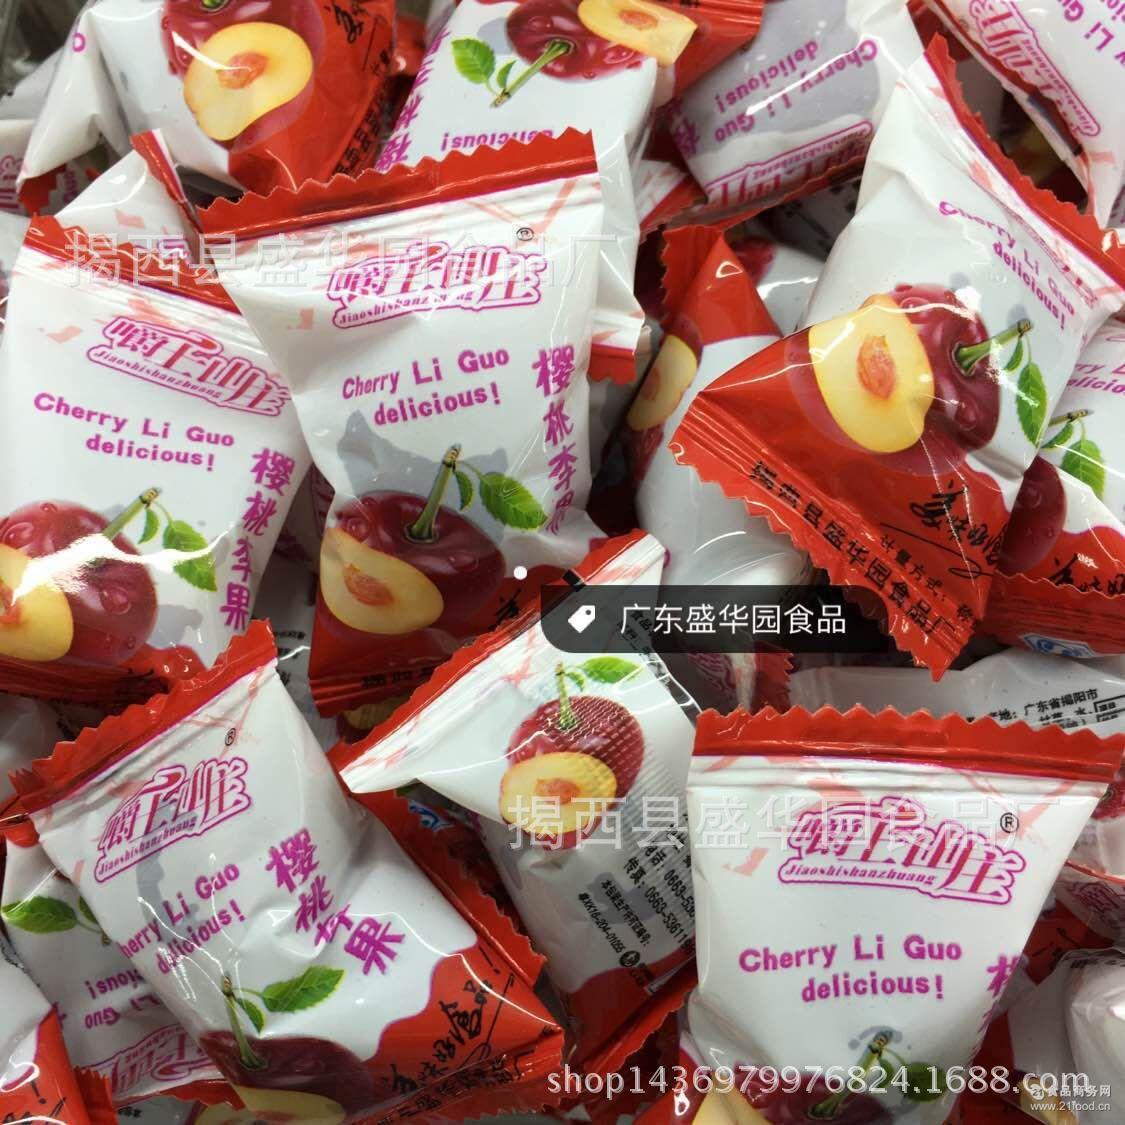 卷卷直销厂家【芝麻】销售网络遍布全国的揭西县盛华园食品厂价格简介酥图片